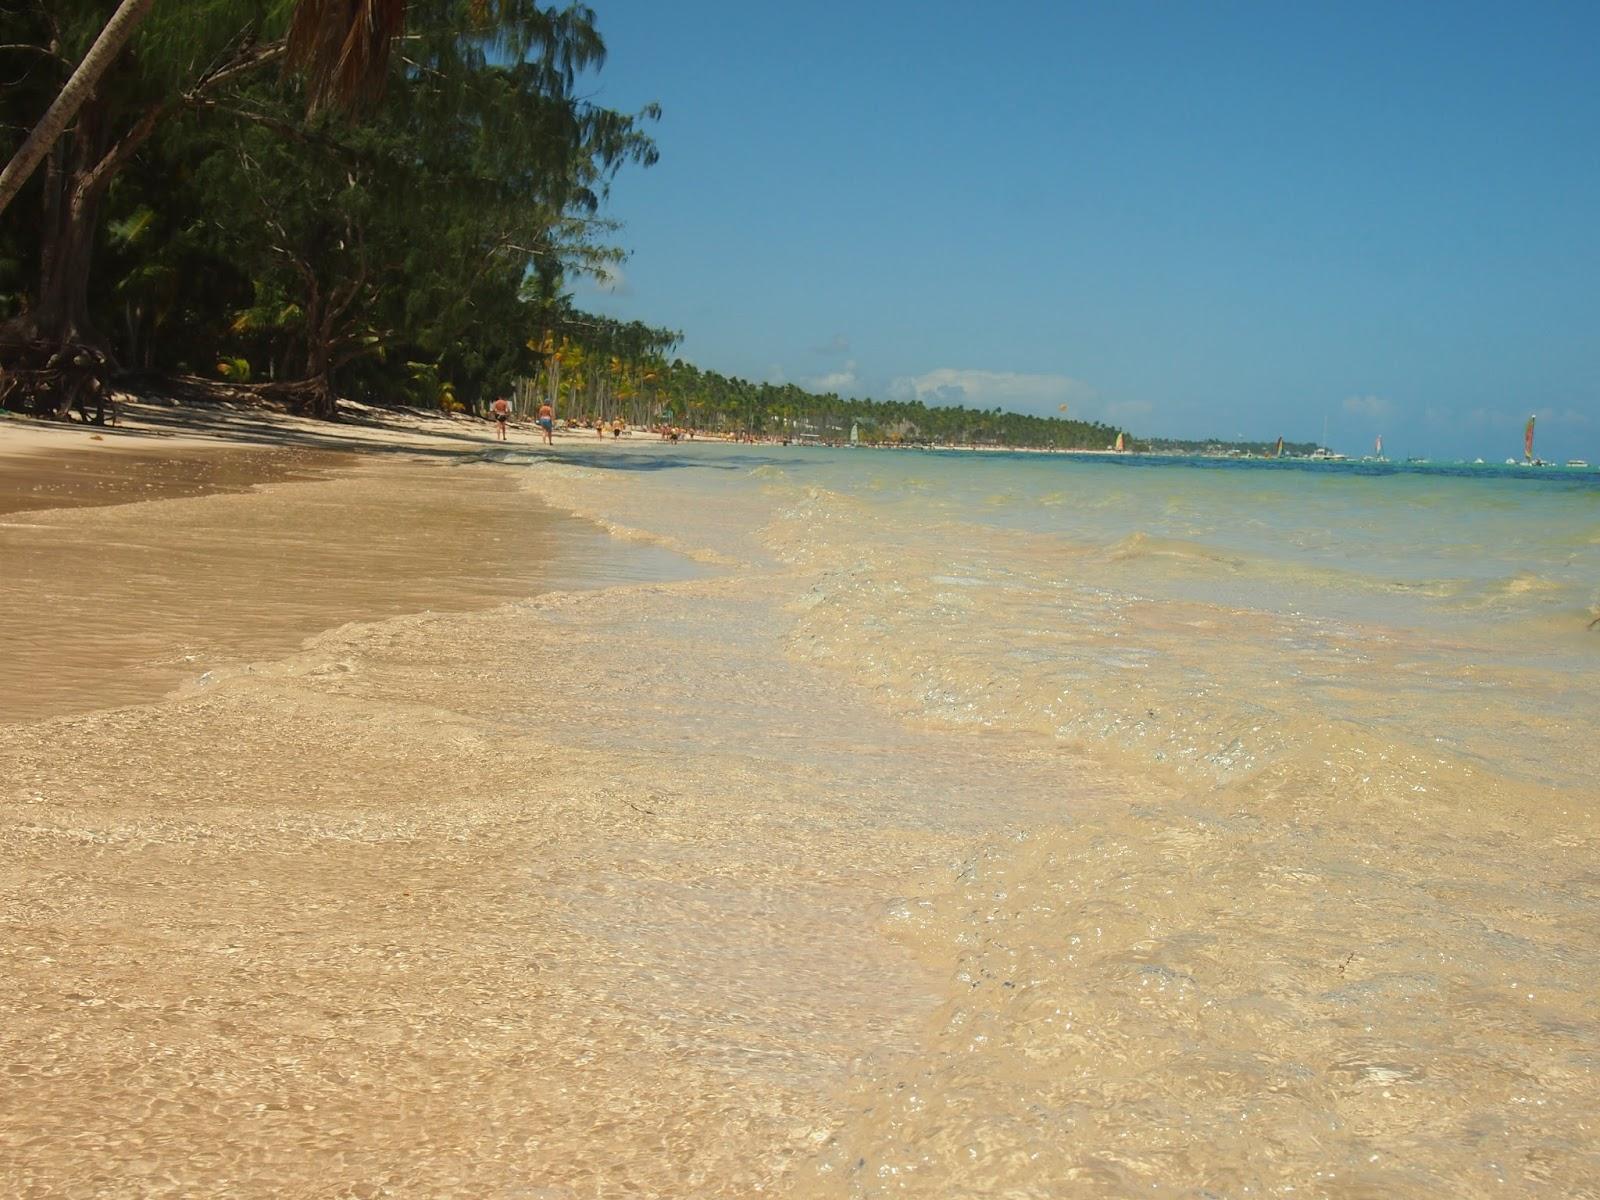 プンタカナのキレイな海(海外ビーチリゾート持ち物)